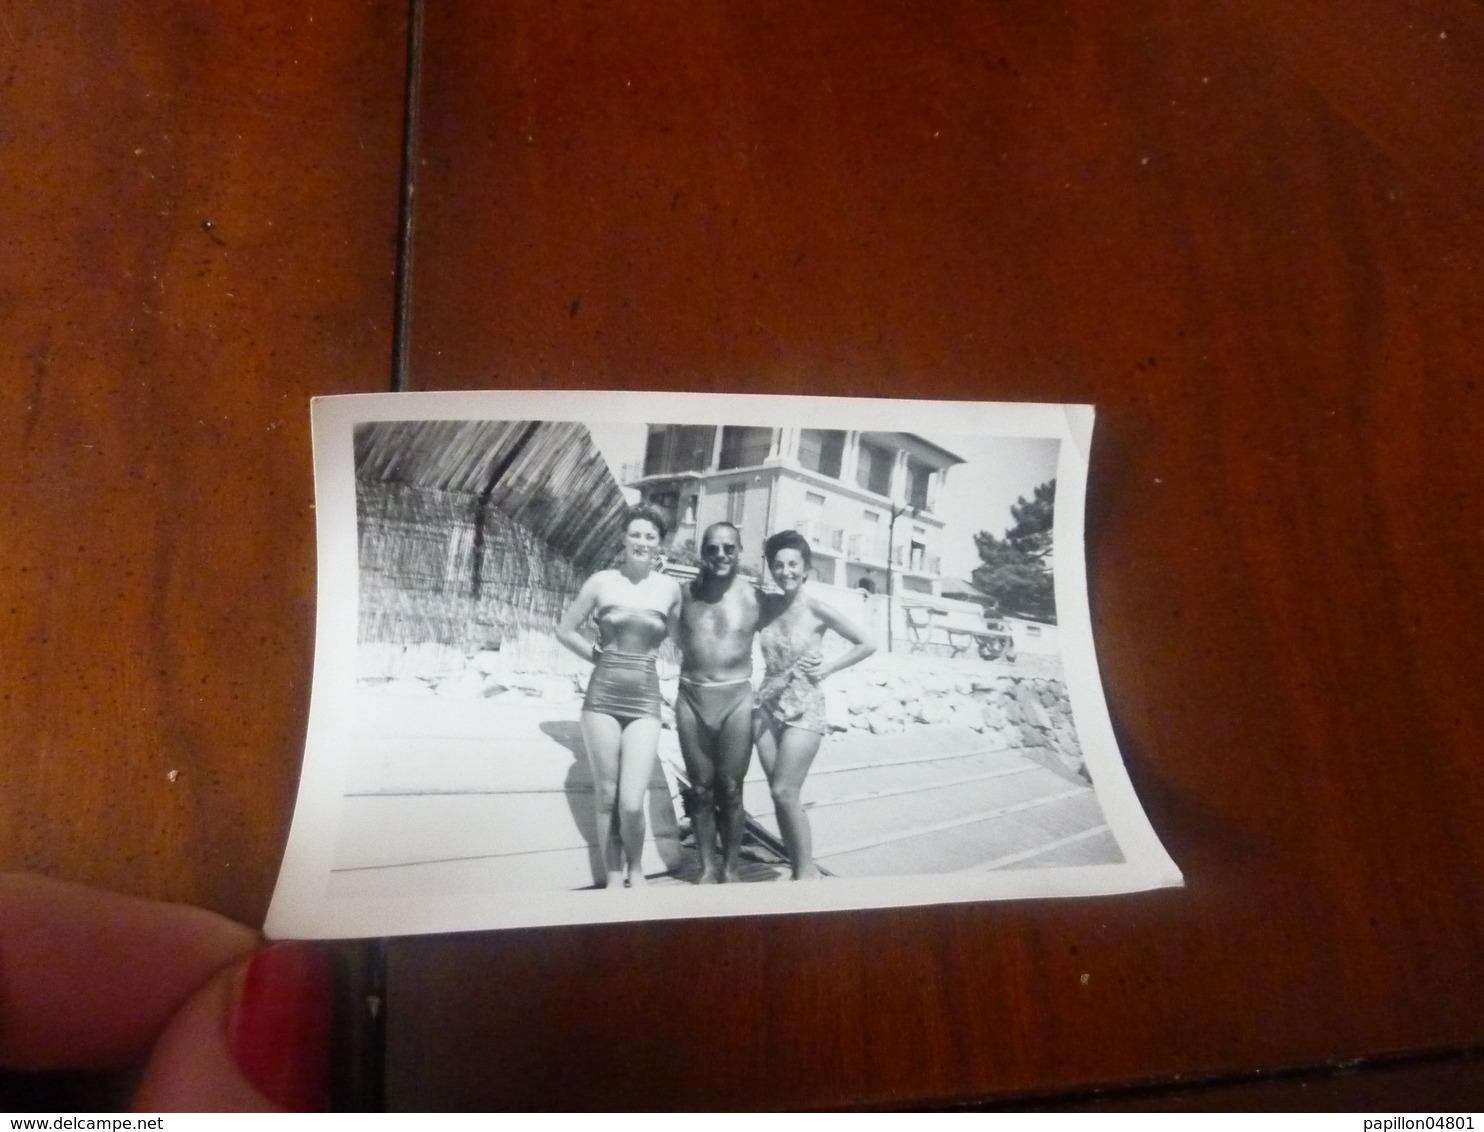 PHOTO ORIGINALE PLAGE FEMMES HOMME TORSE NU MAILLOT DE BAIN - Pin-Ups